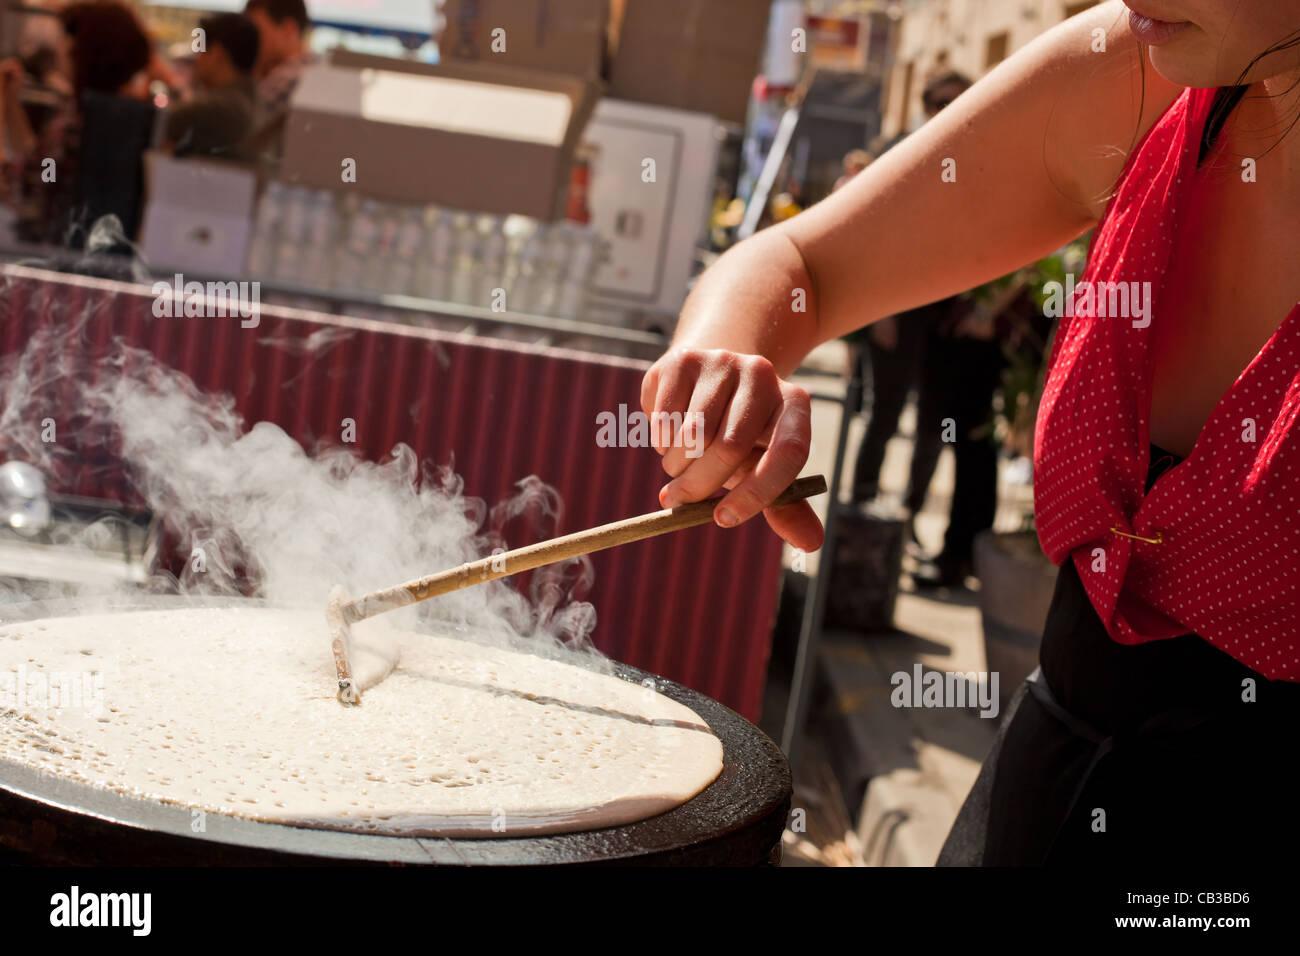 High Noon community festival est un festival de musique local Northcote à Melbourne, Australie / faire à manger des crêpes dans la rue Banque D'Images